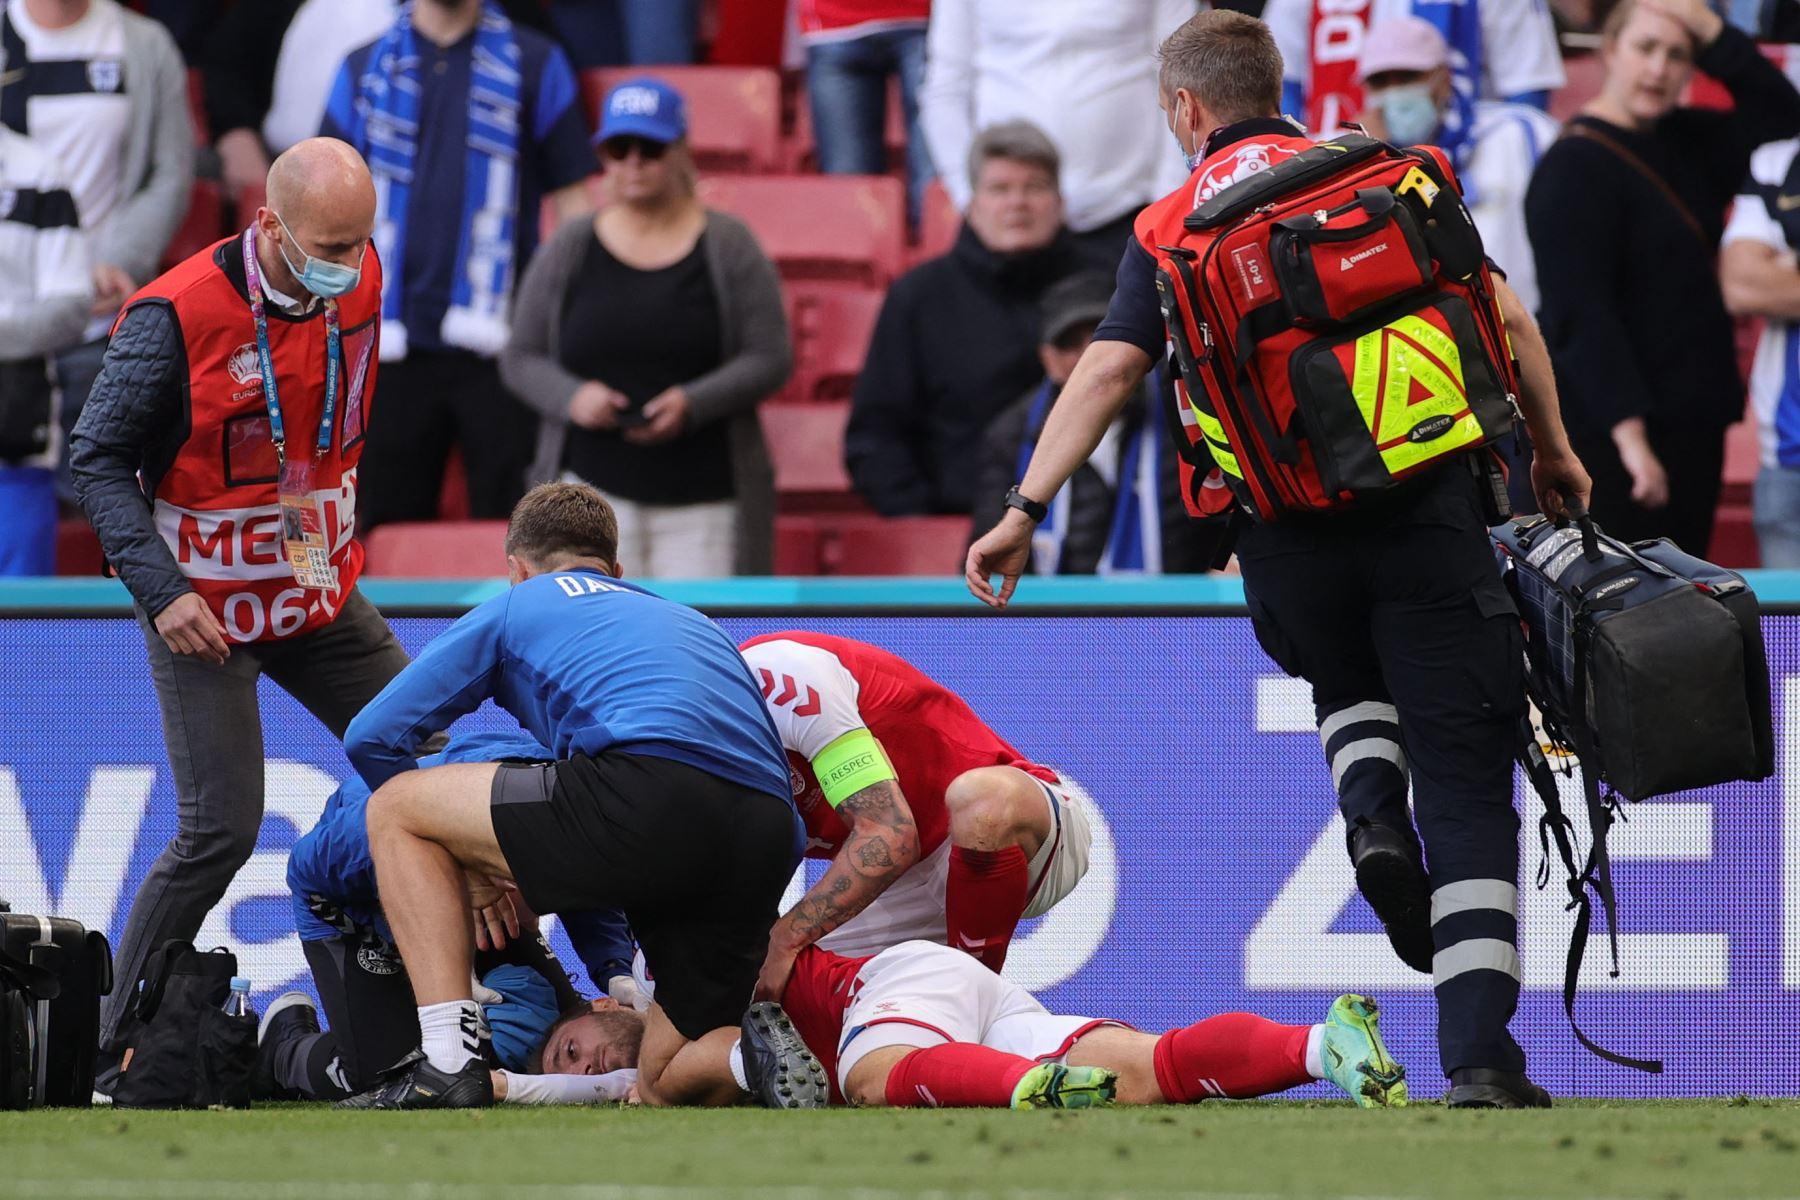 El mediocampista danés Christian Eriksen  recibe atención médica después de colapsar en el campo durante el partido de fútbol del Grupo B de la UEFA EURO 2020 entre Dinamarca y Finlandia en el Estadio Parken de Copenhague. Foto: AFP